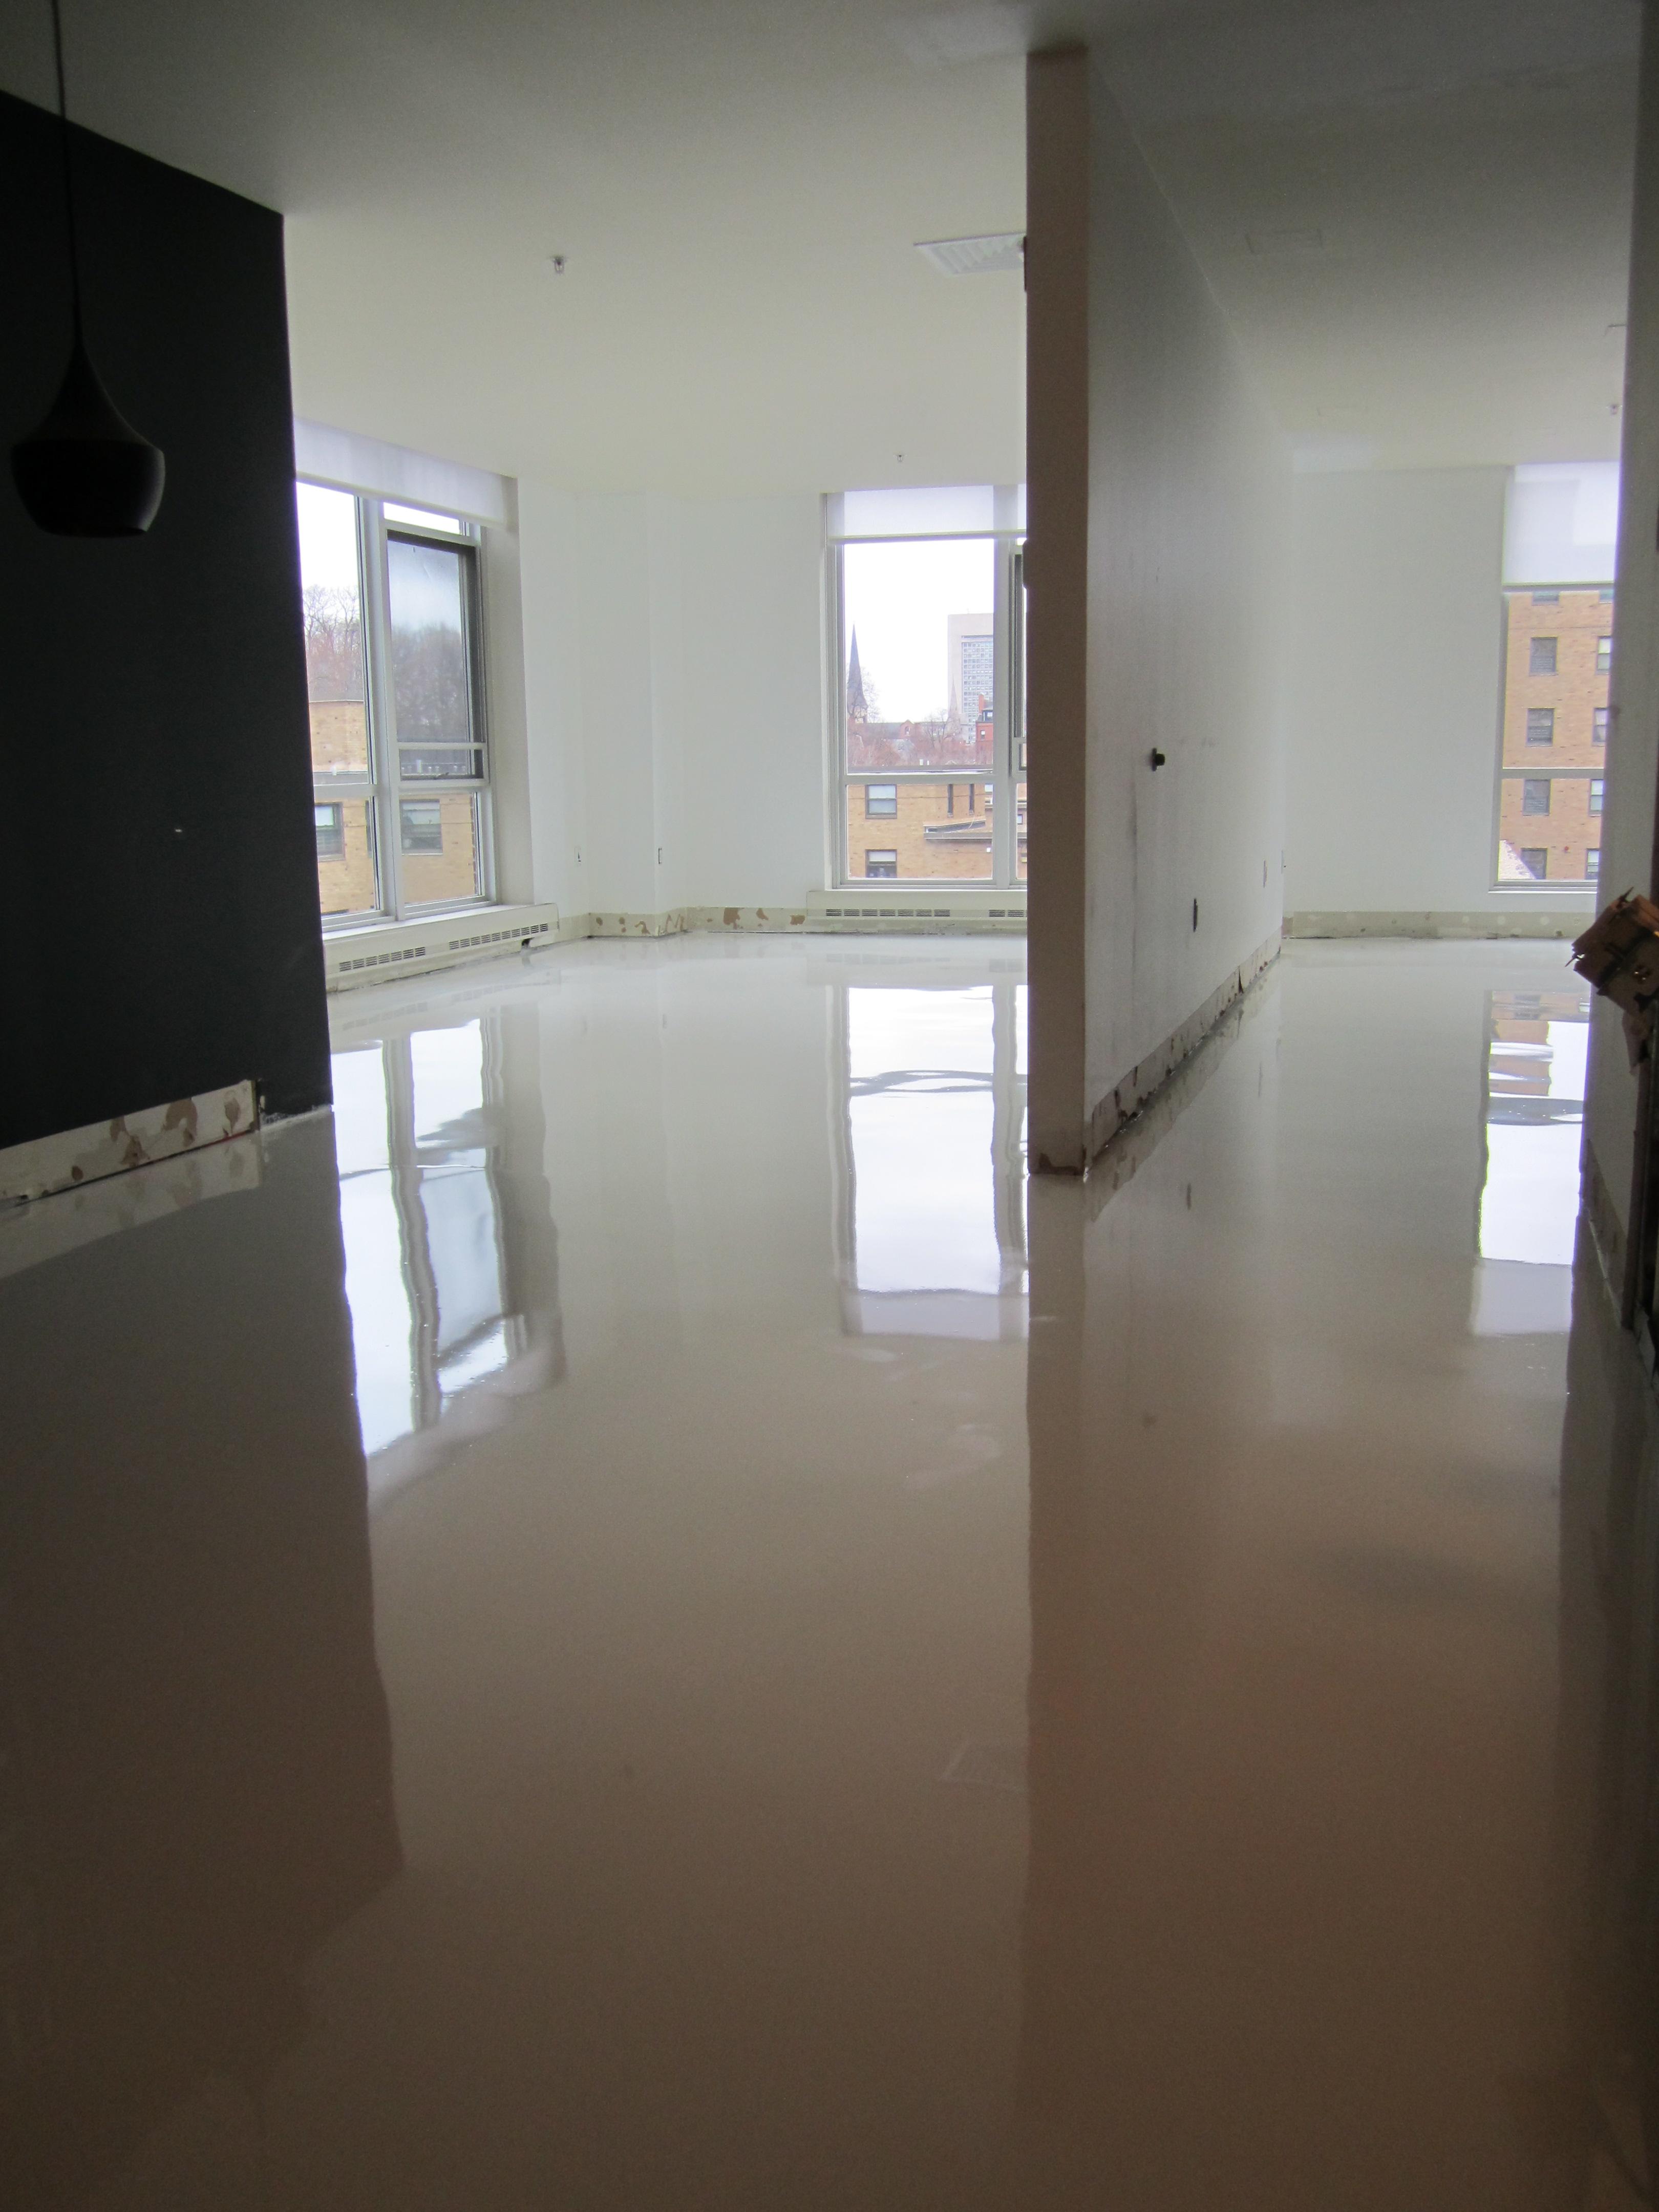 Epoxy Floor Paint And Coating Repair Contractors In Boston